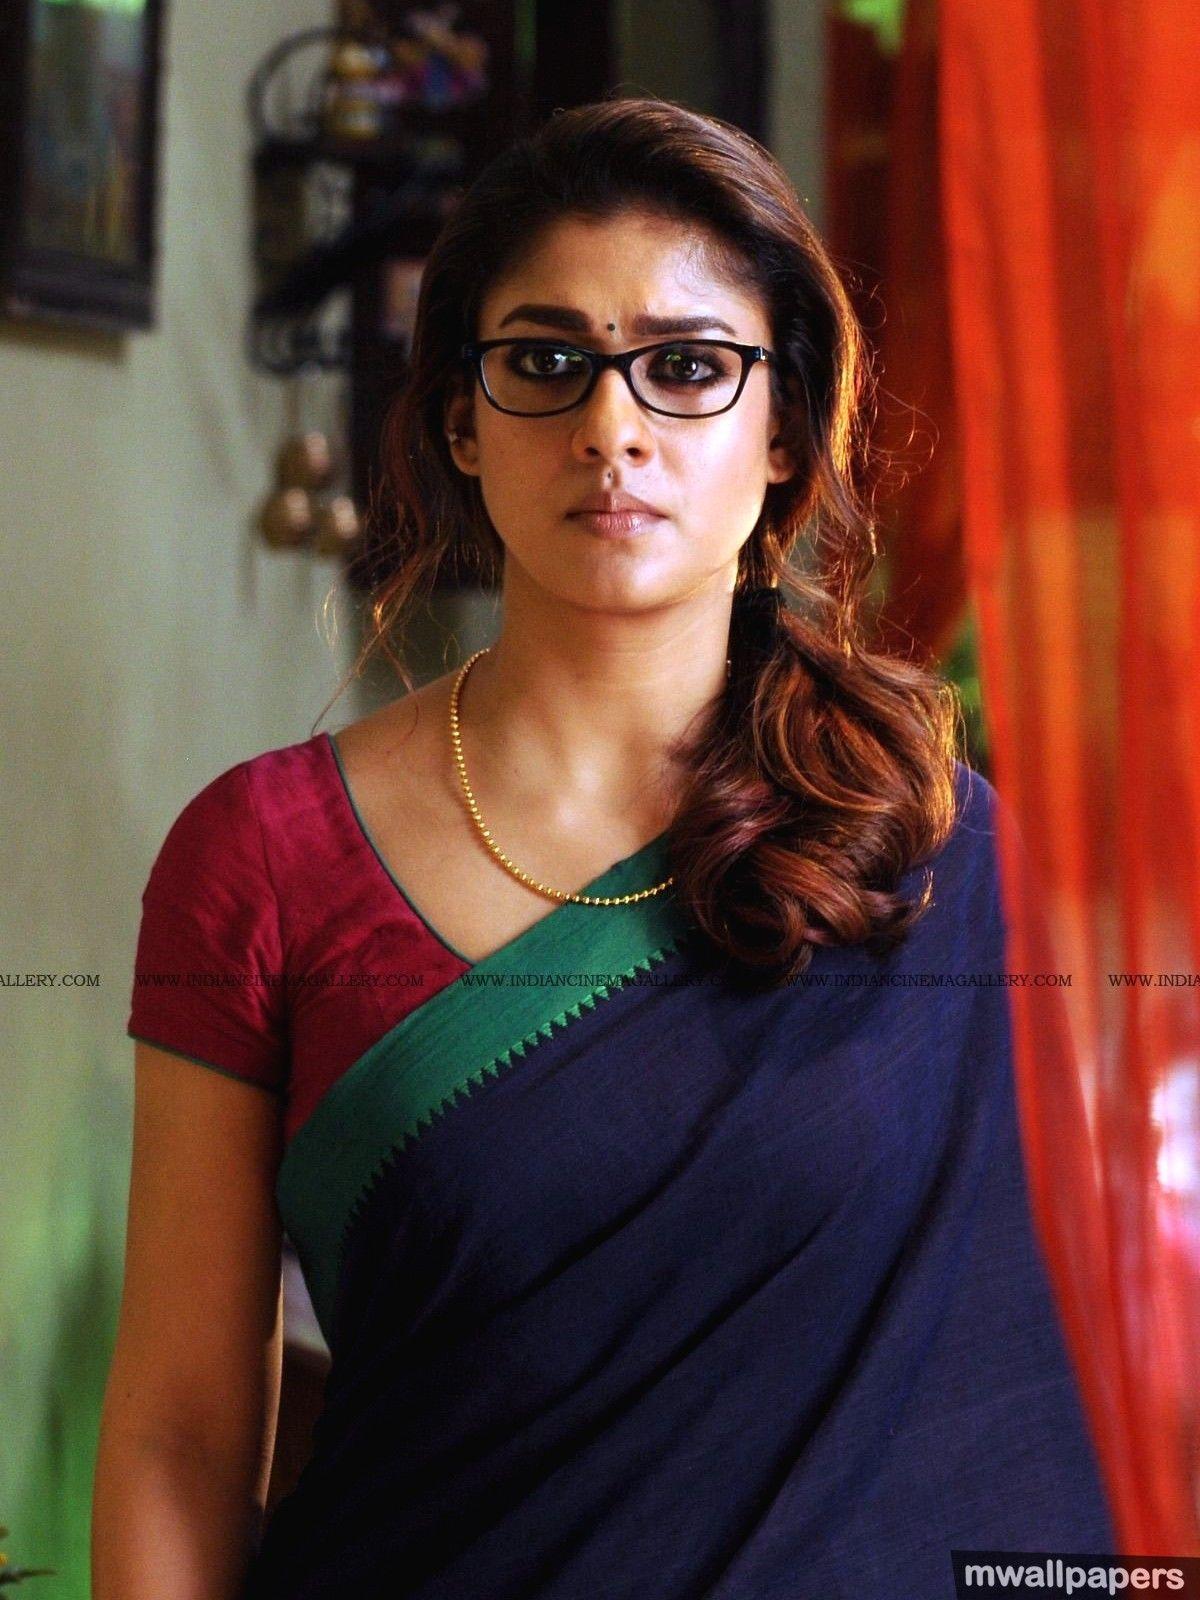 Beautiful Nayanthara Hd Photos In Saree 1080p 9288 Nayanthara